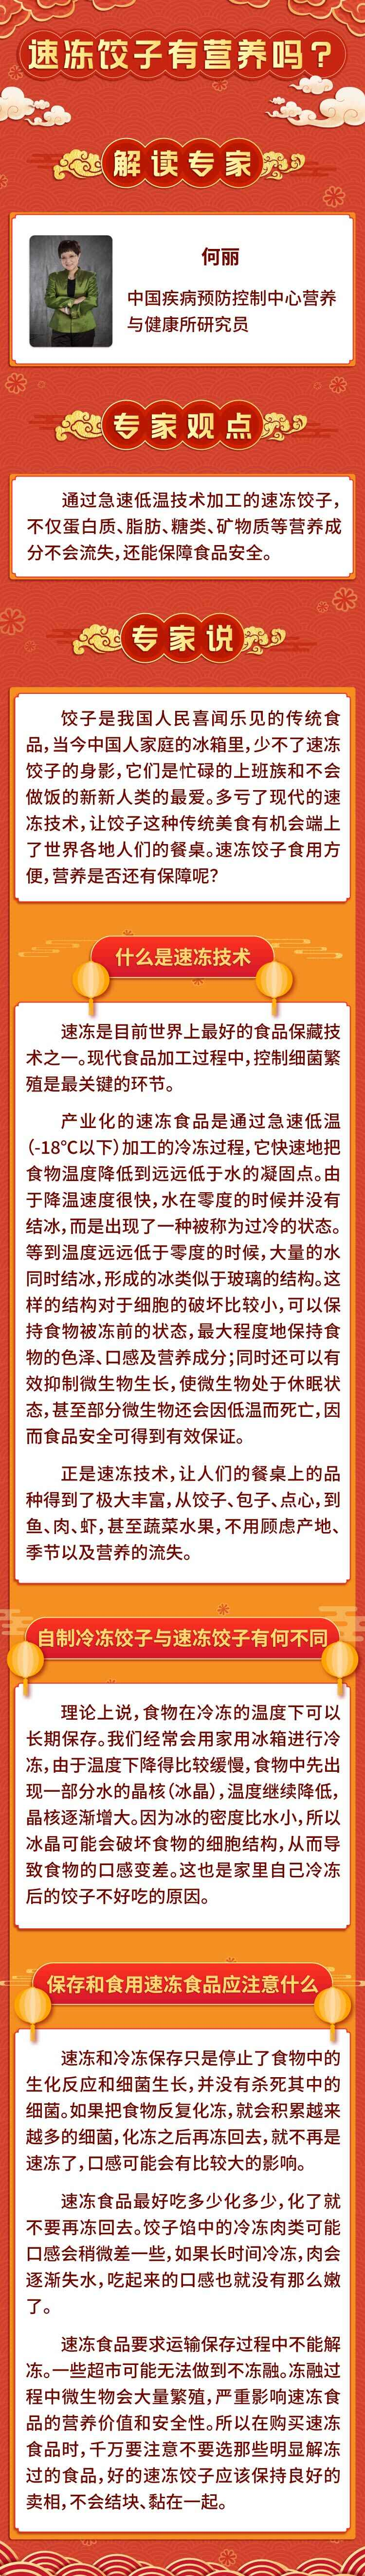 健康观点大PK:速冻饺子没营养?